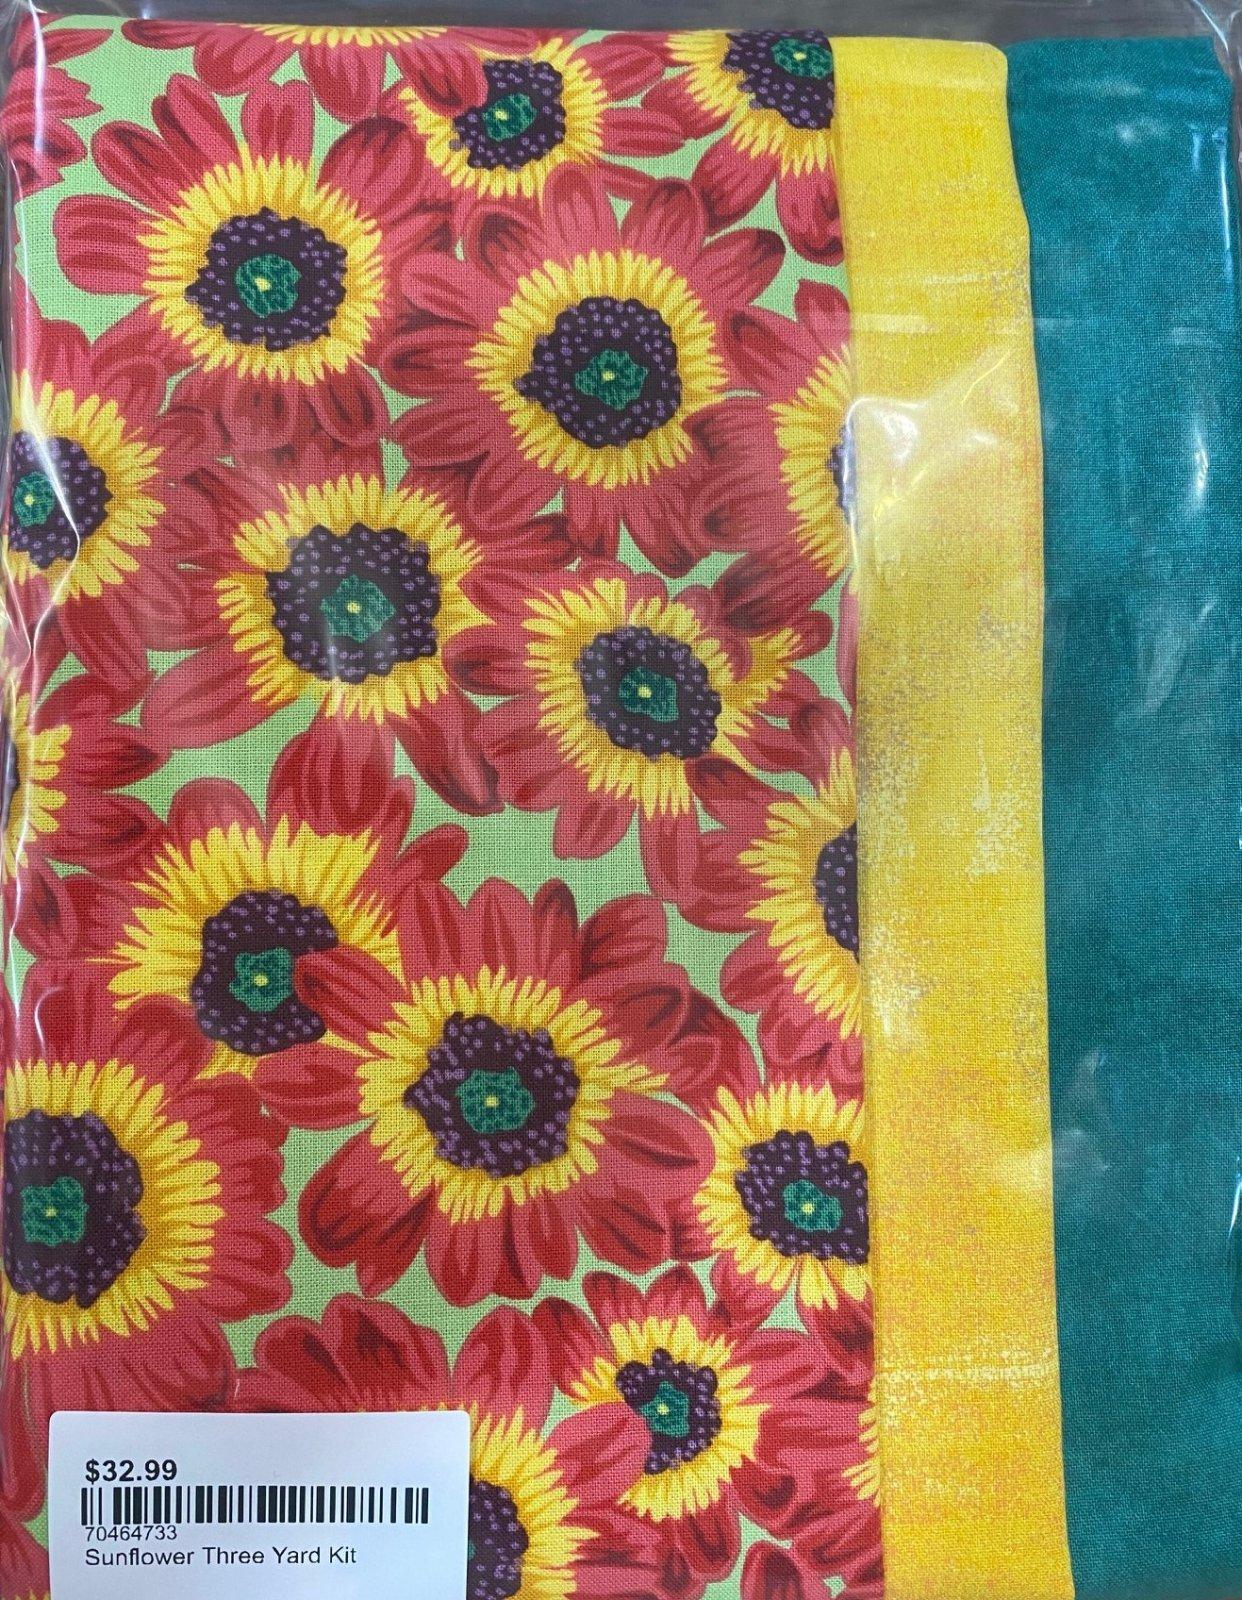 Sunflower Three Yard Kit